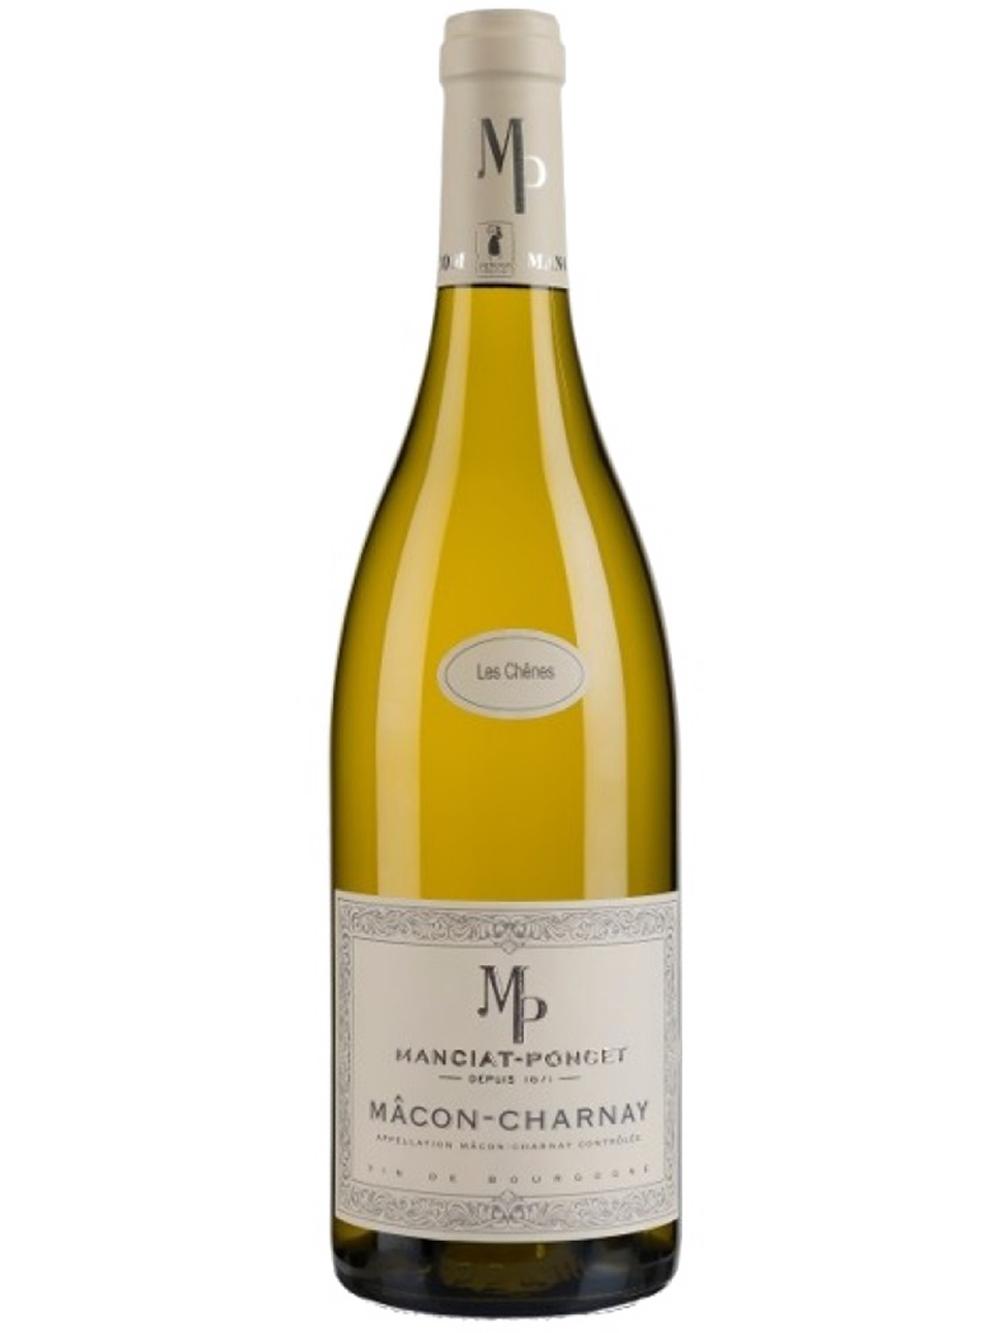 Macon-Charnay Les Chênes